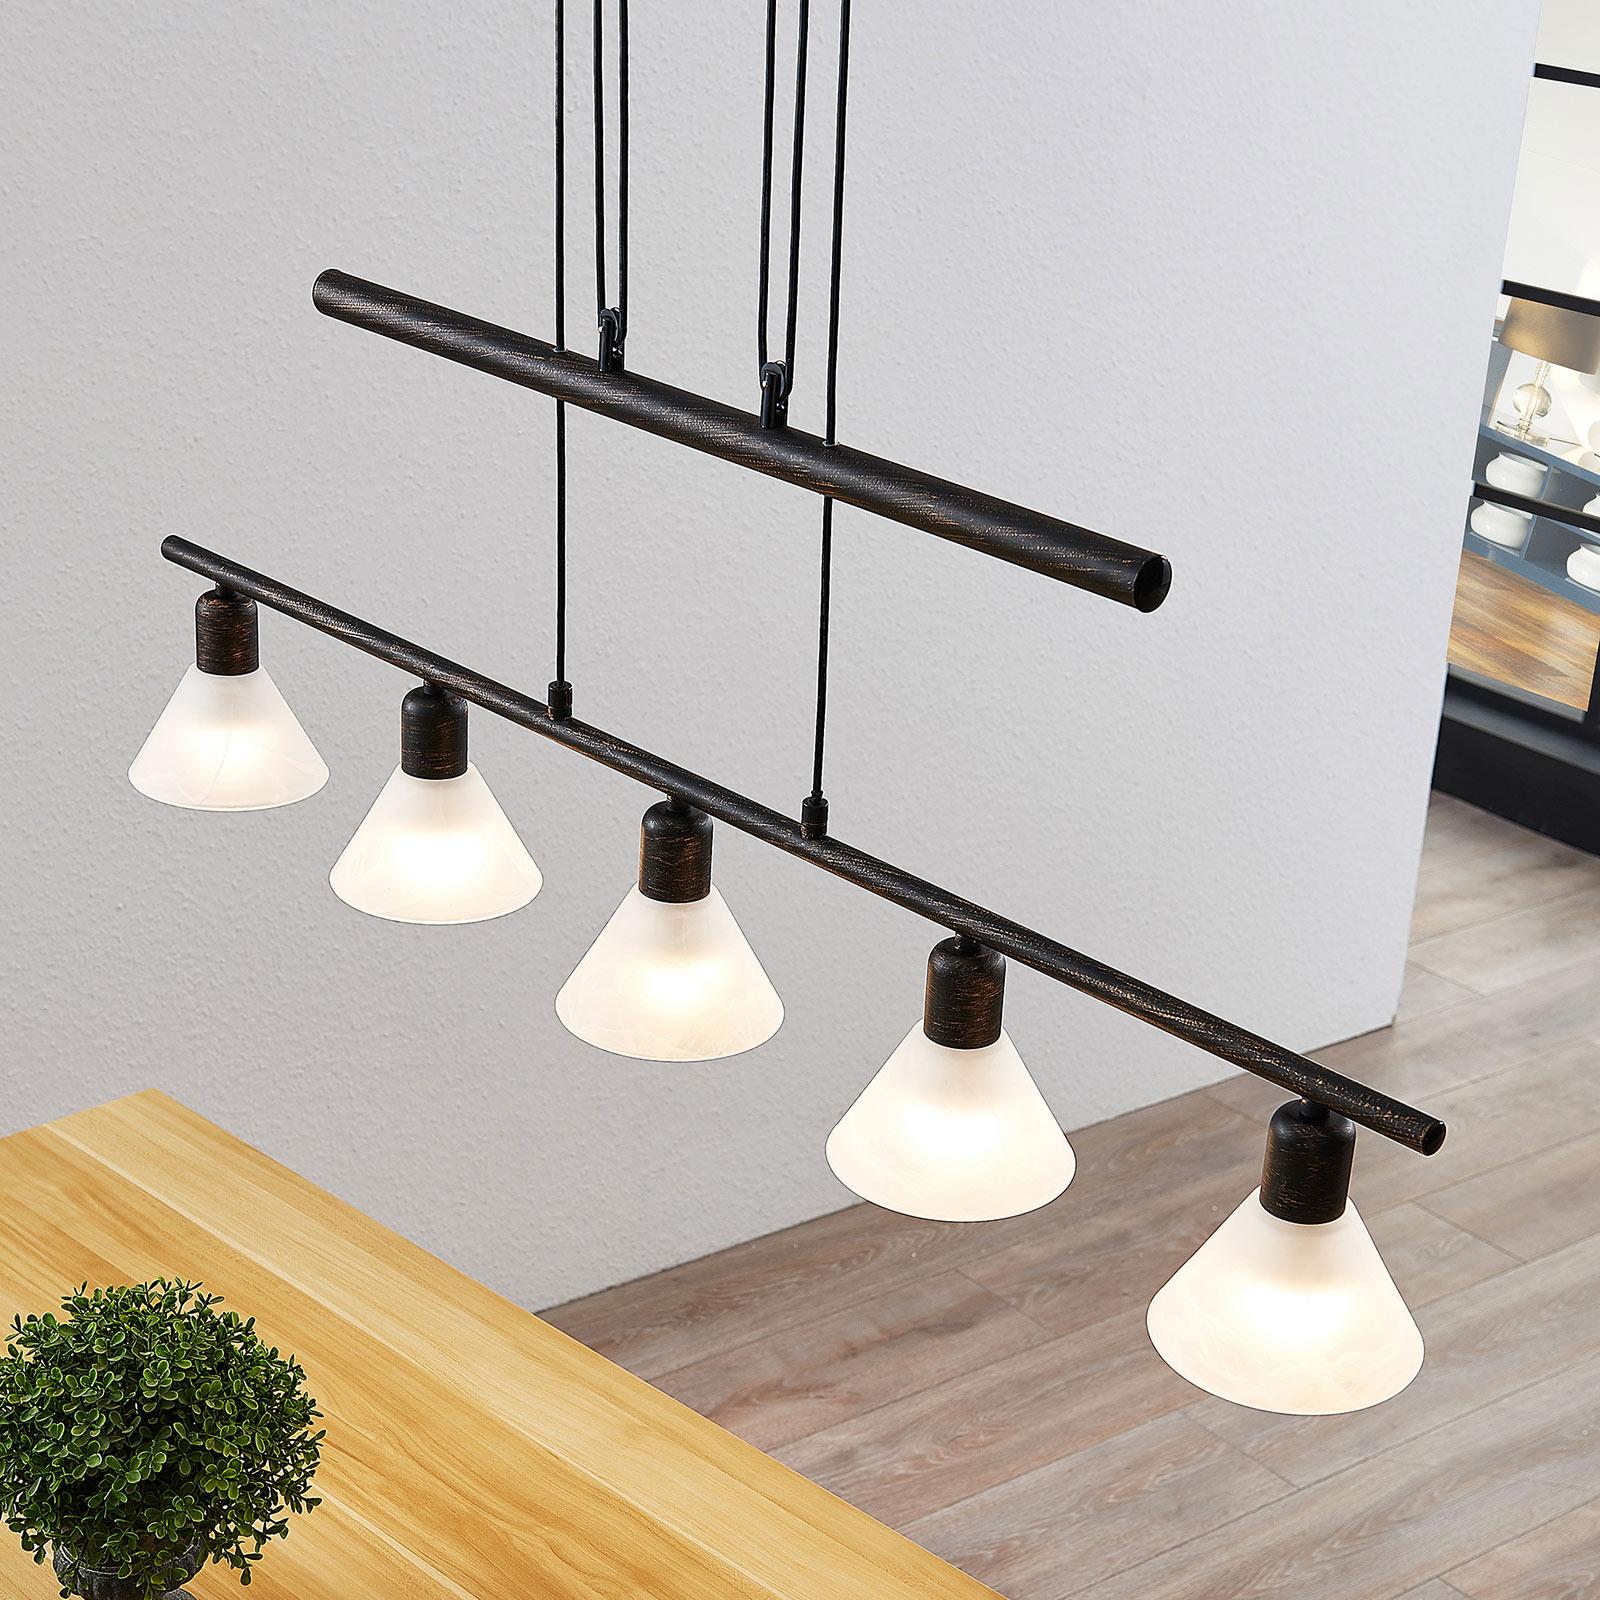 Lámpara colgante Delira 5 luces, negro, regulable